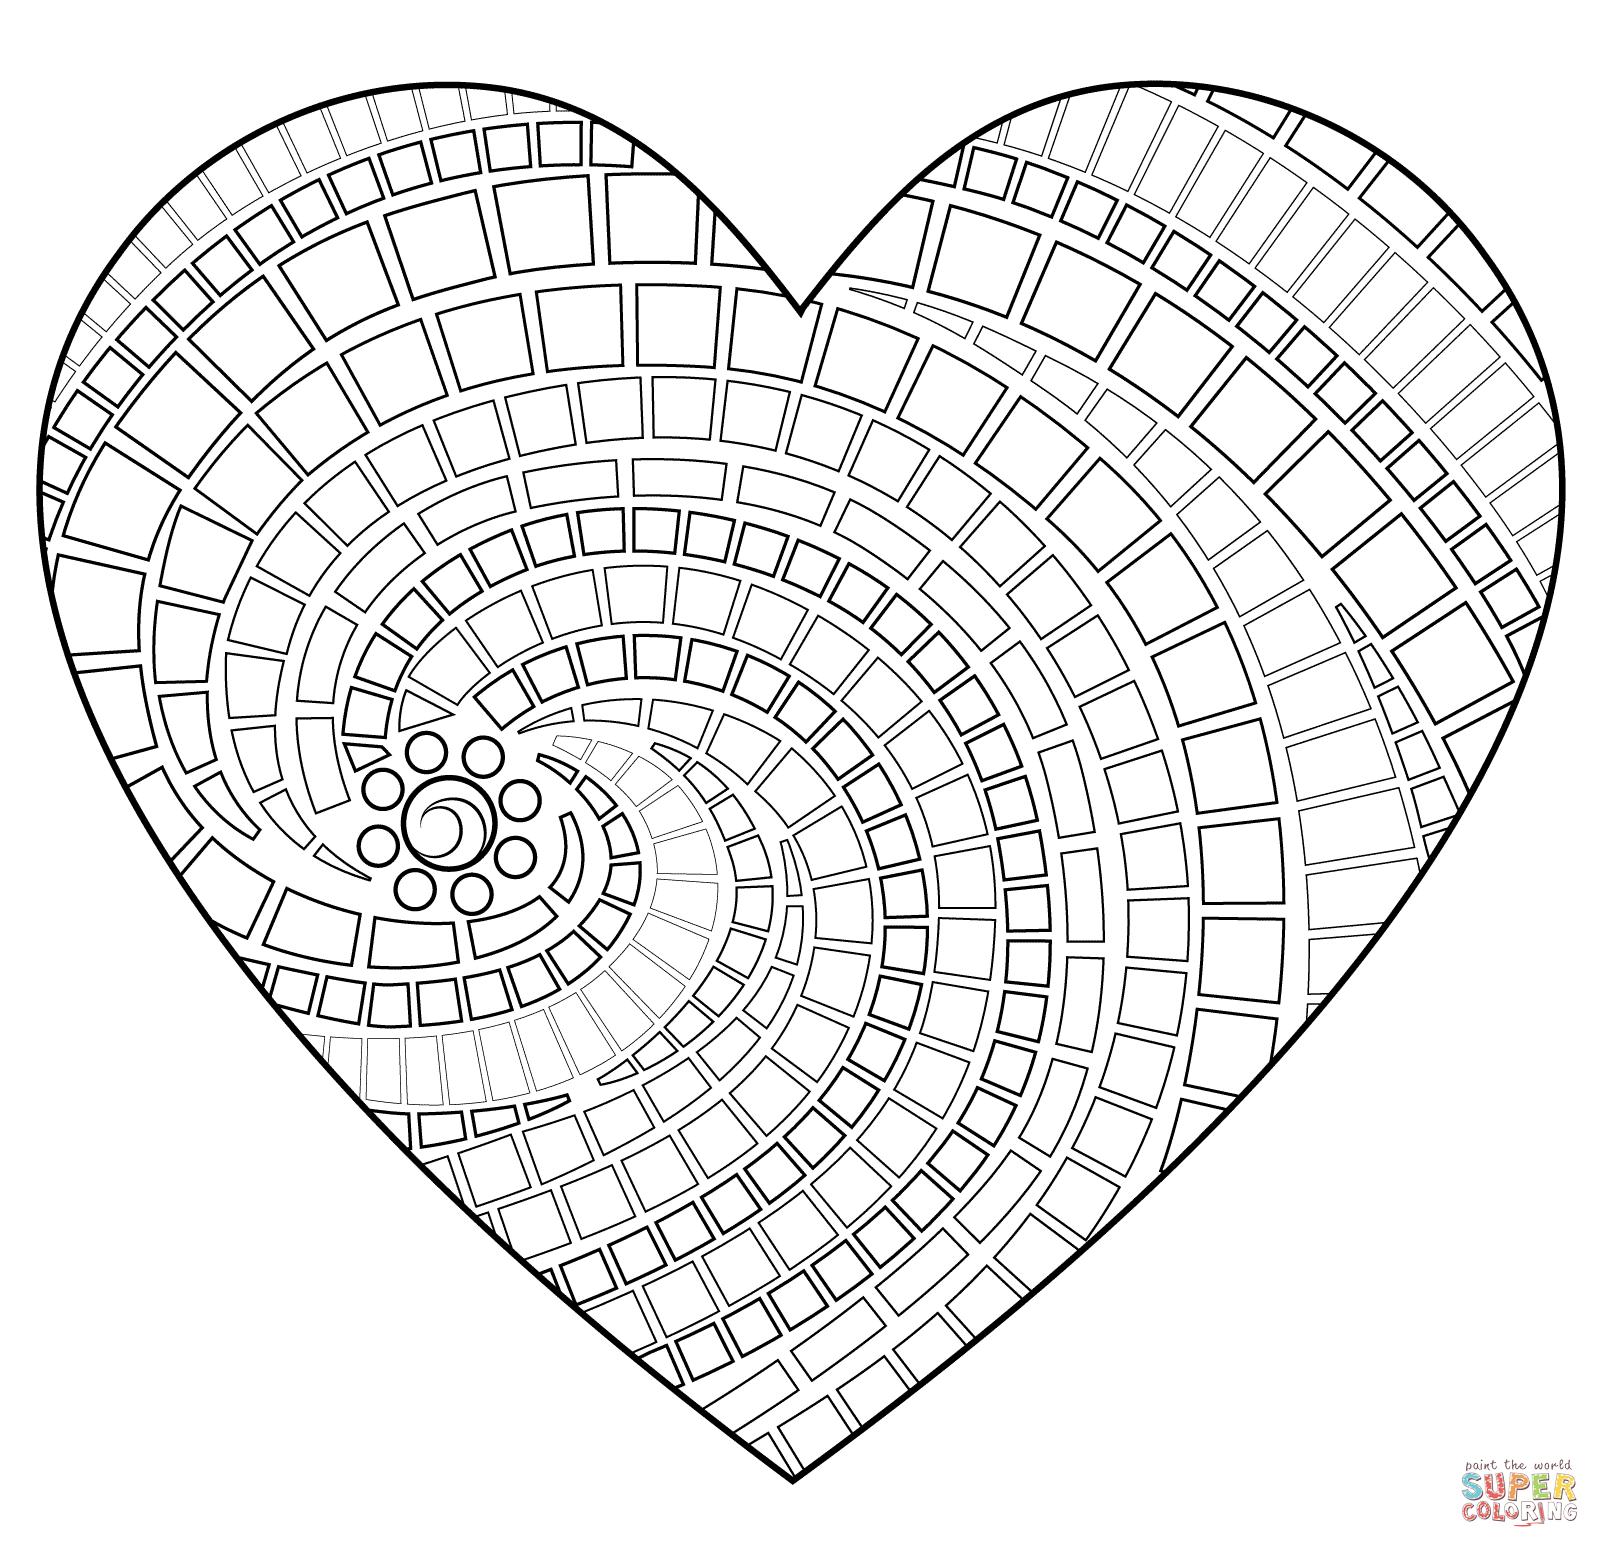 Dibujo de Mosaico en forma de corazón para colorear | Dibujos para ...